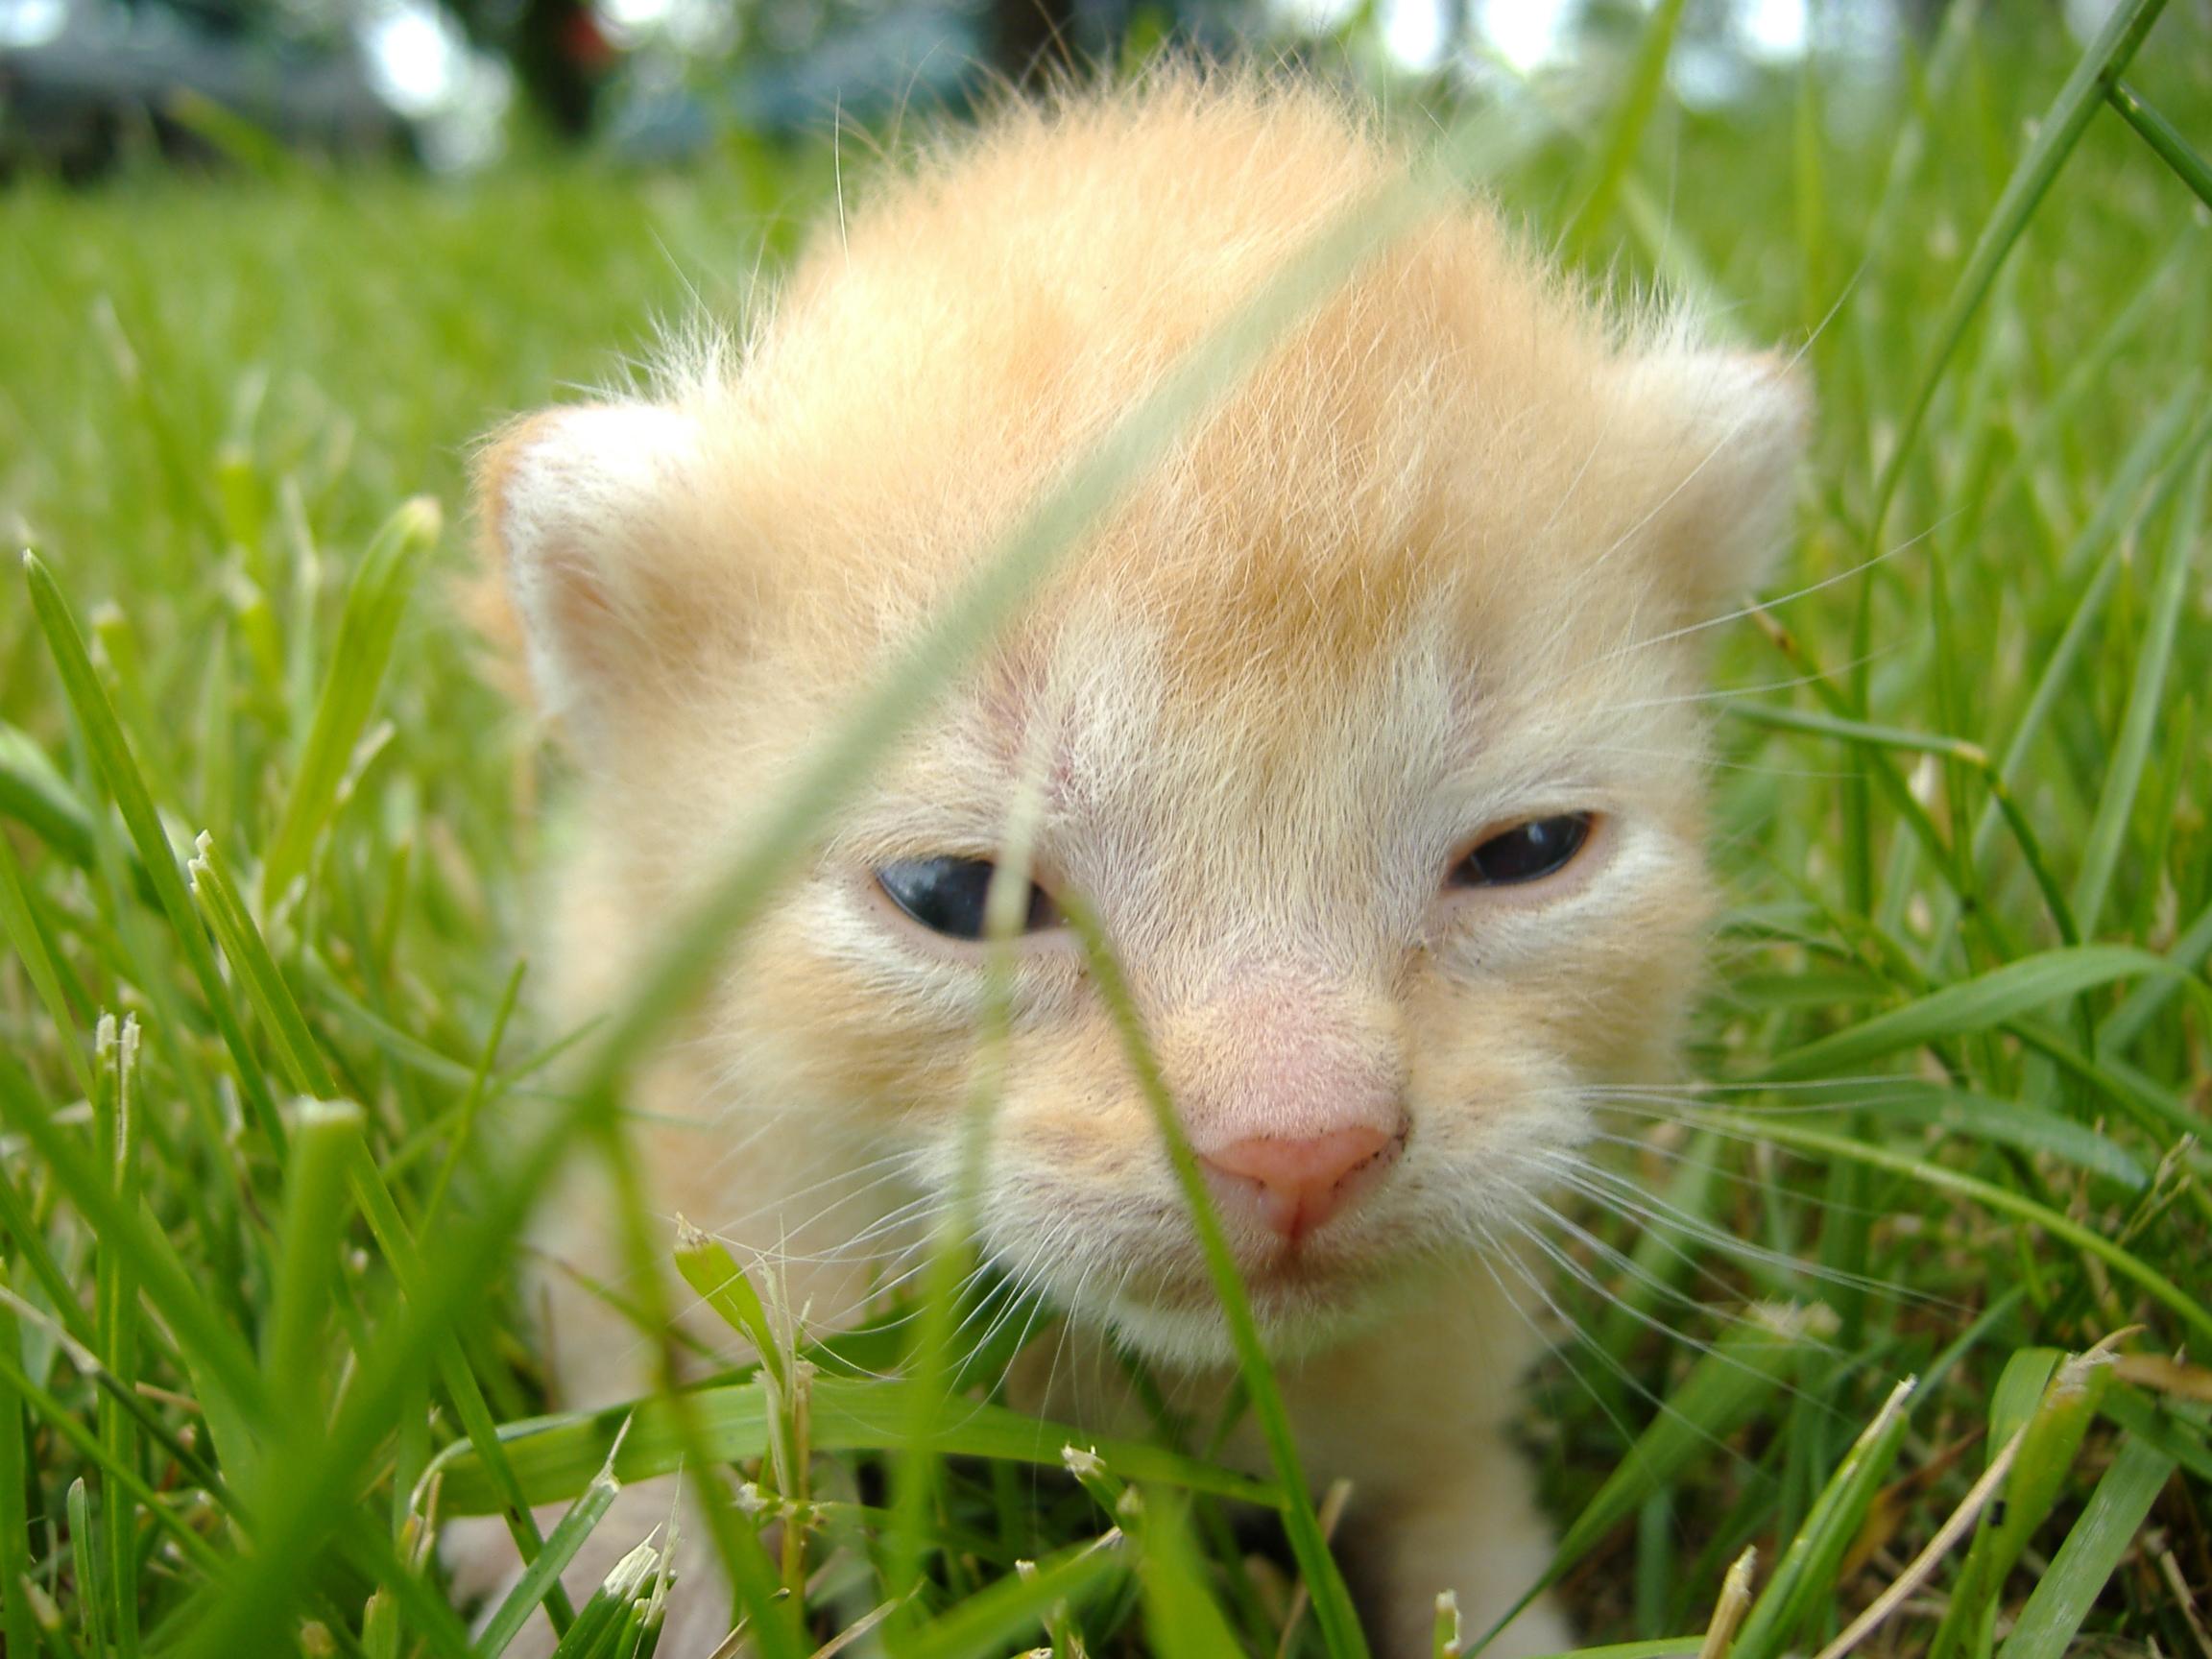 Kitten - Wikipedia